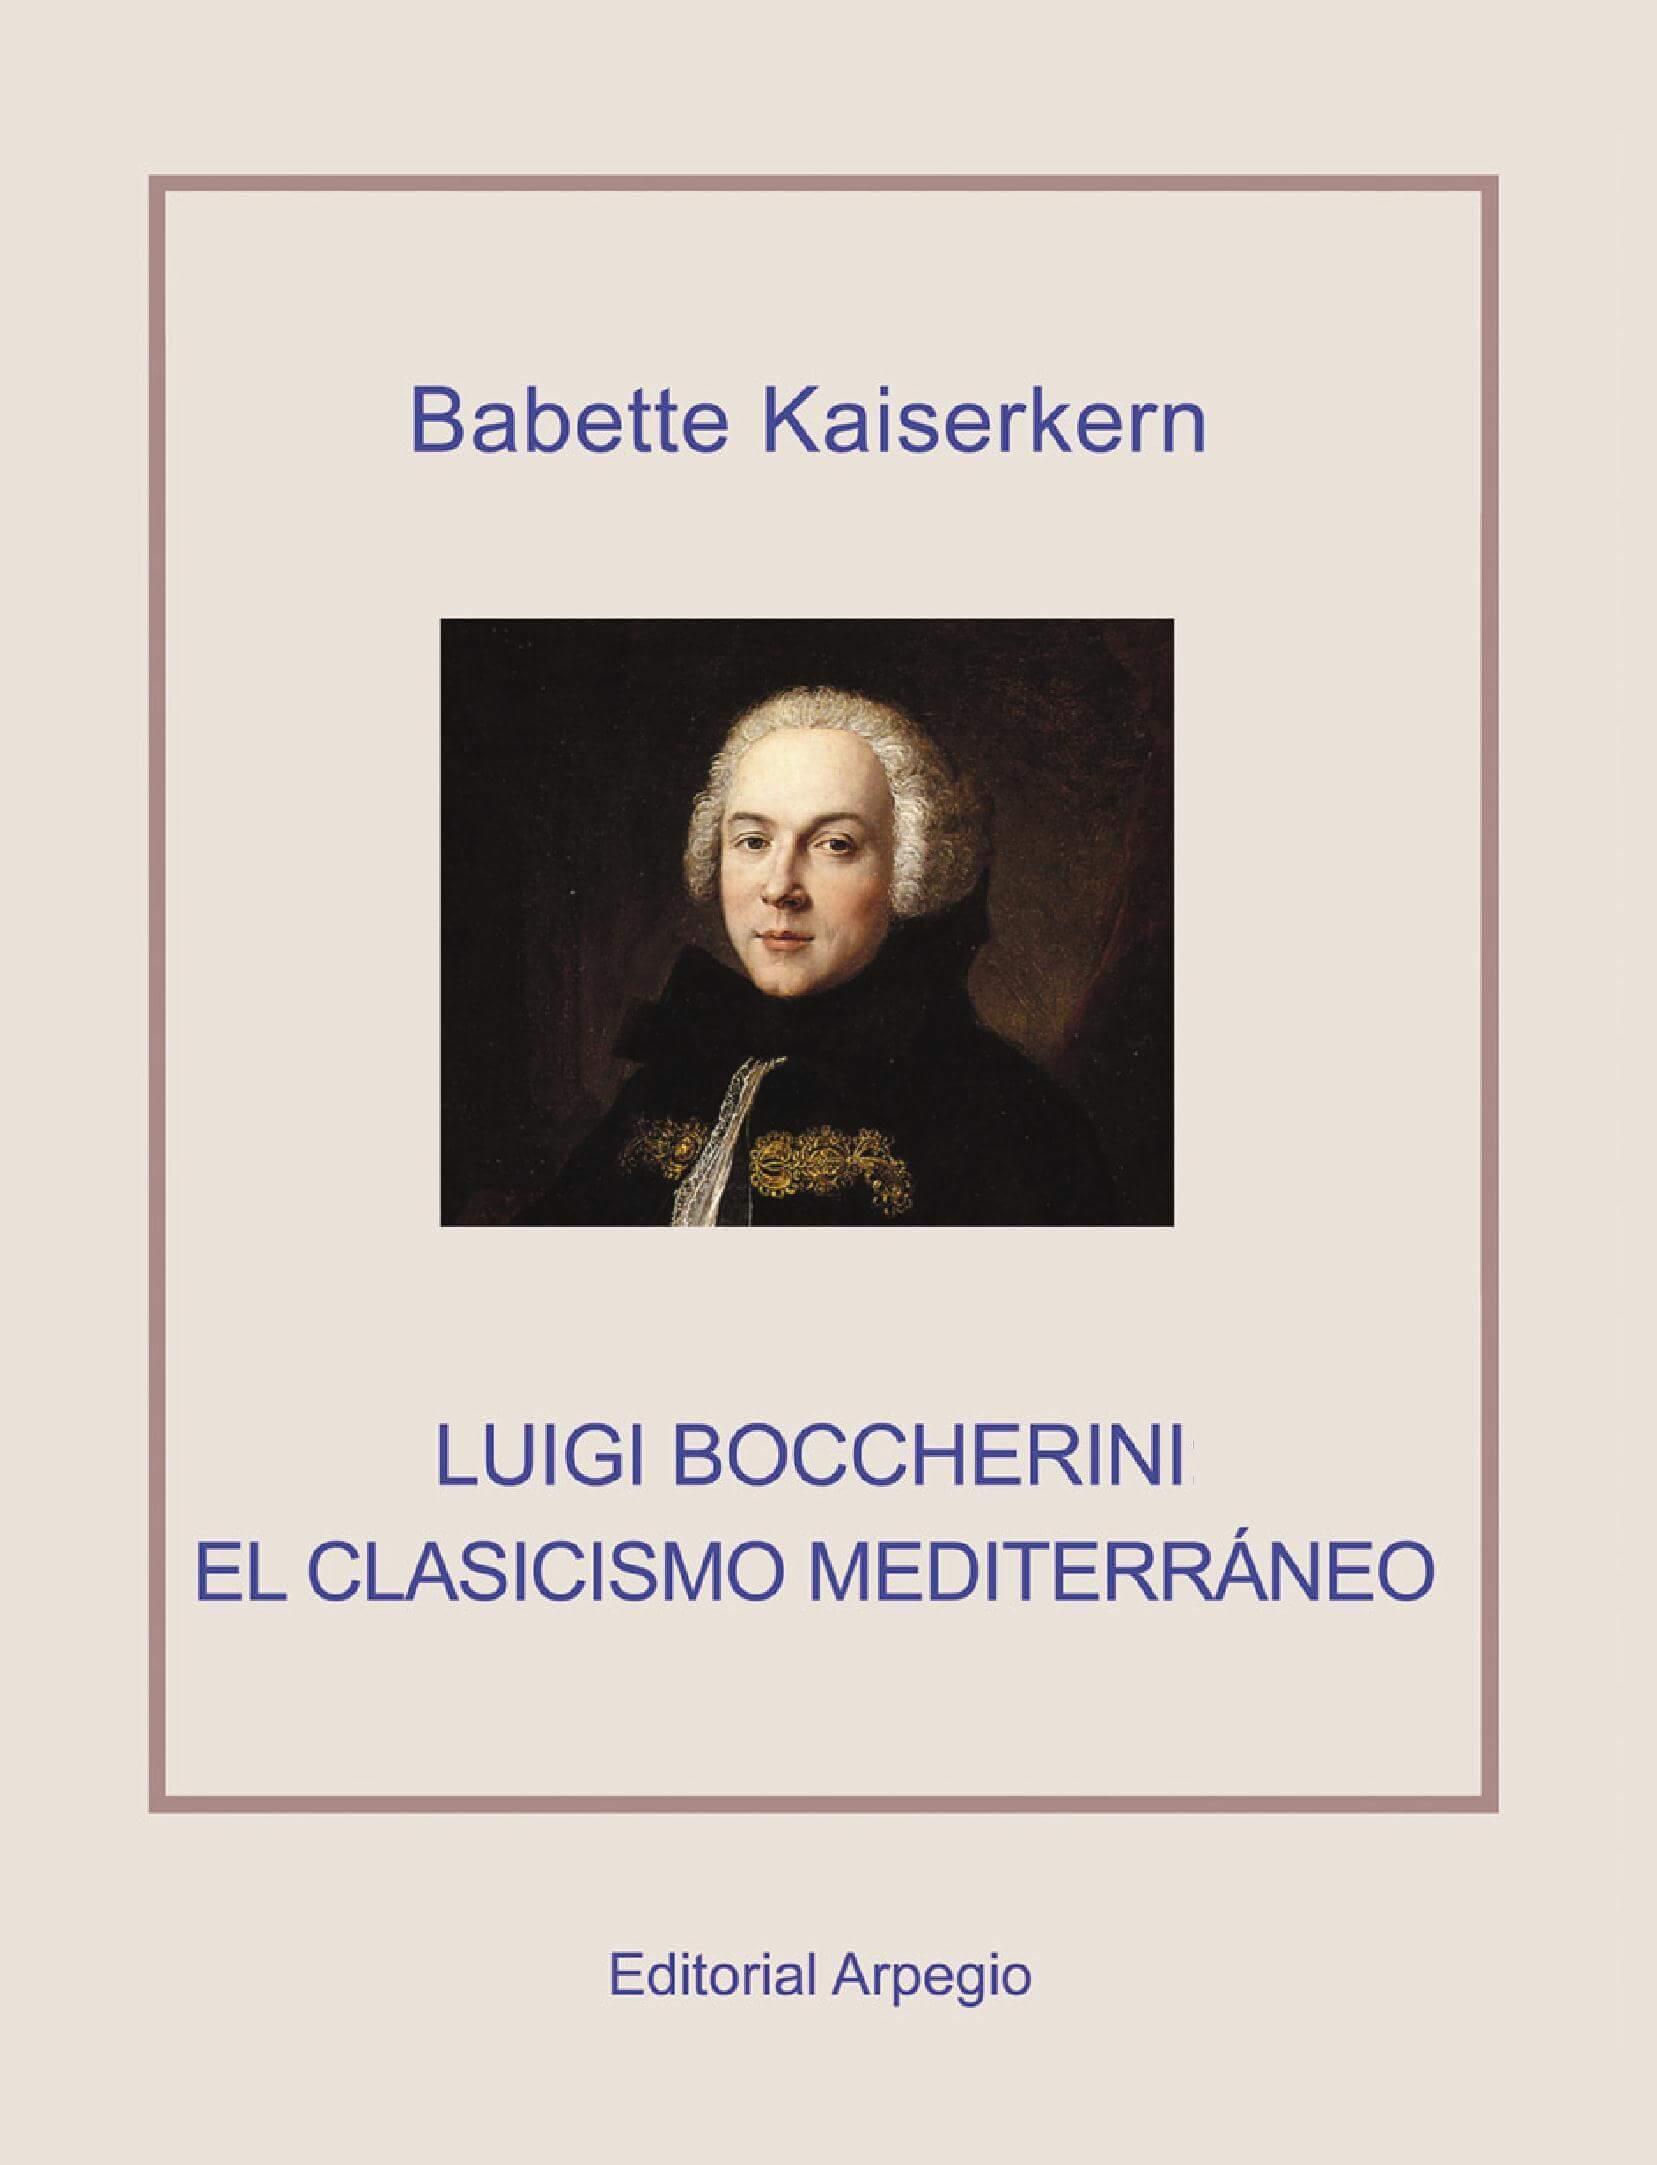 Luigi Boccherini. El Clasicismo mediterraneo